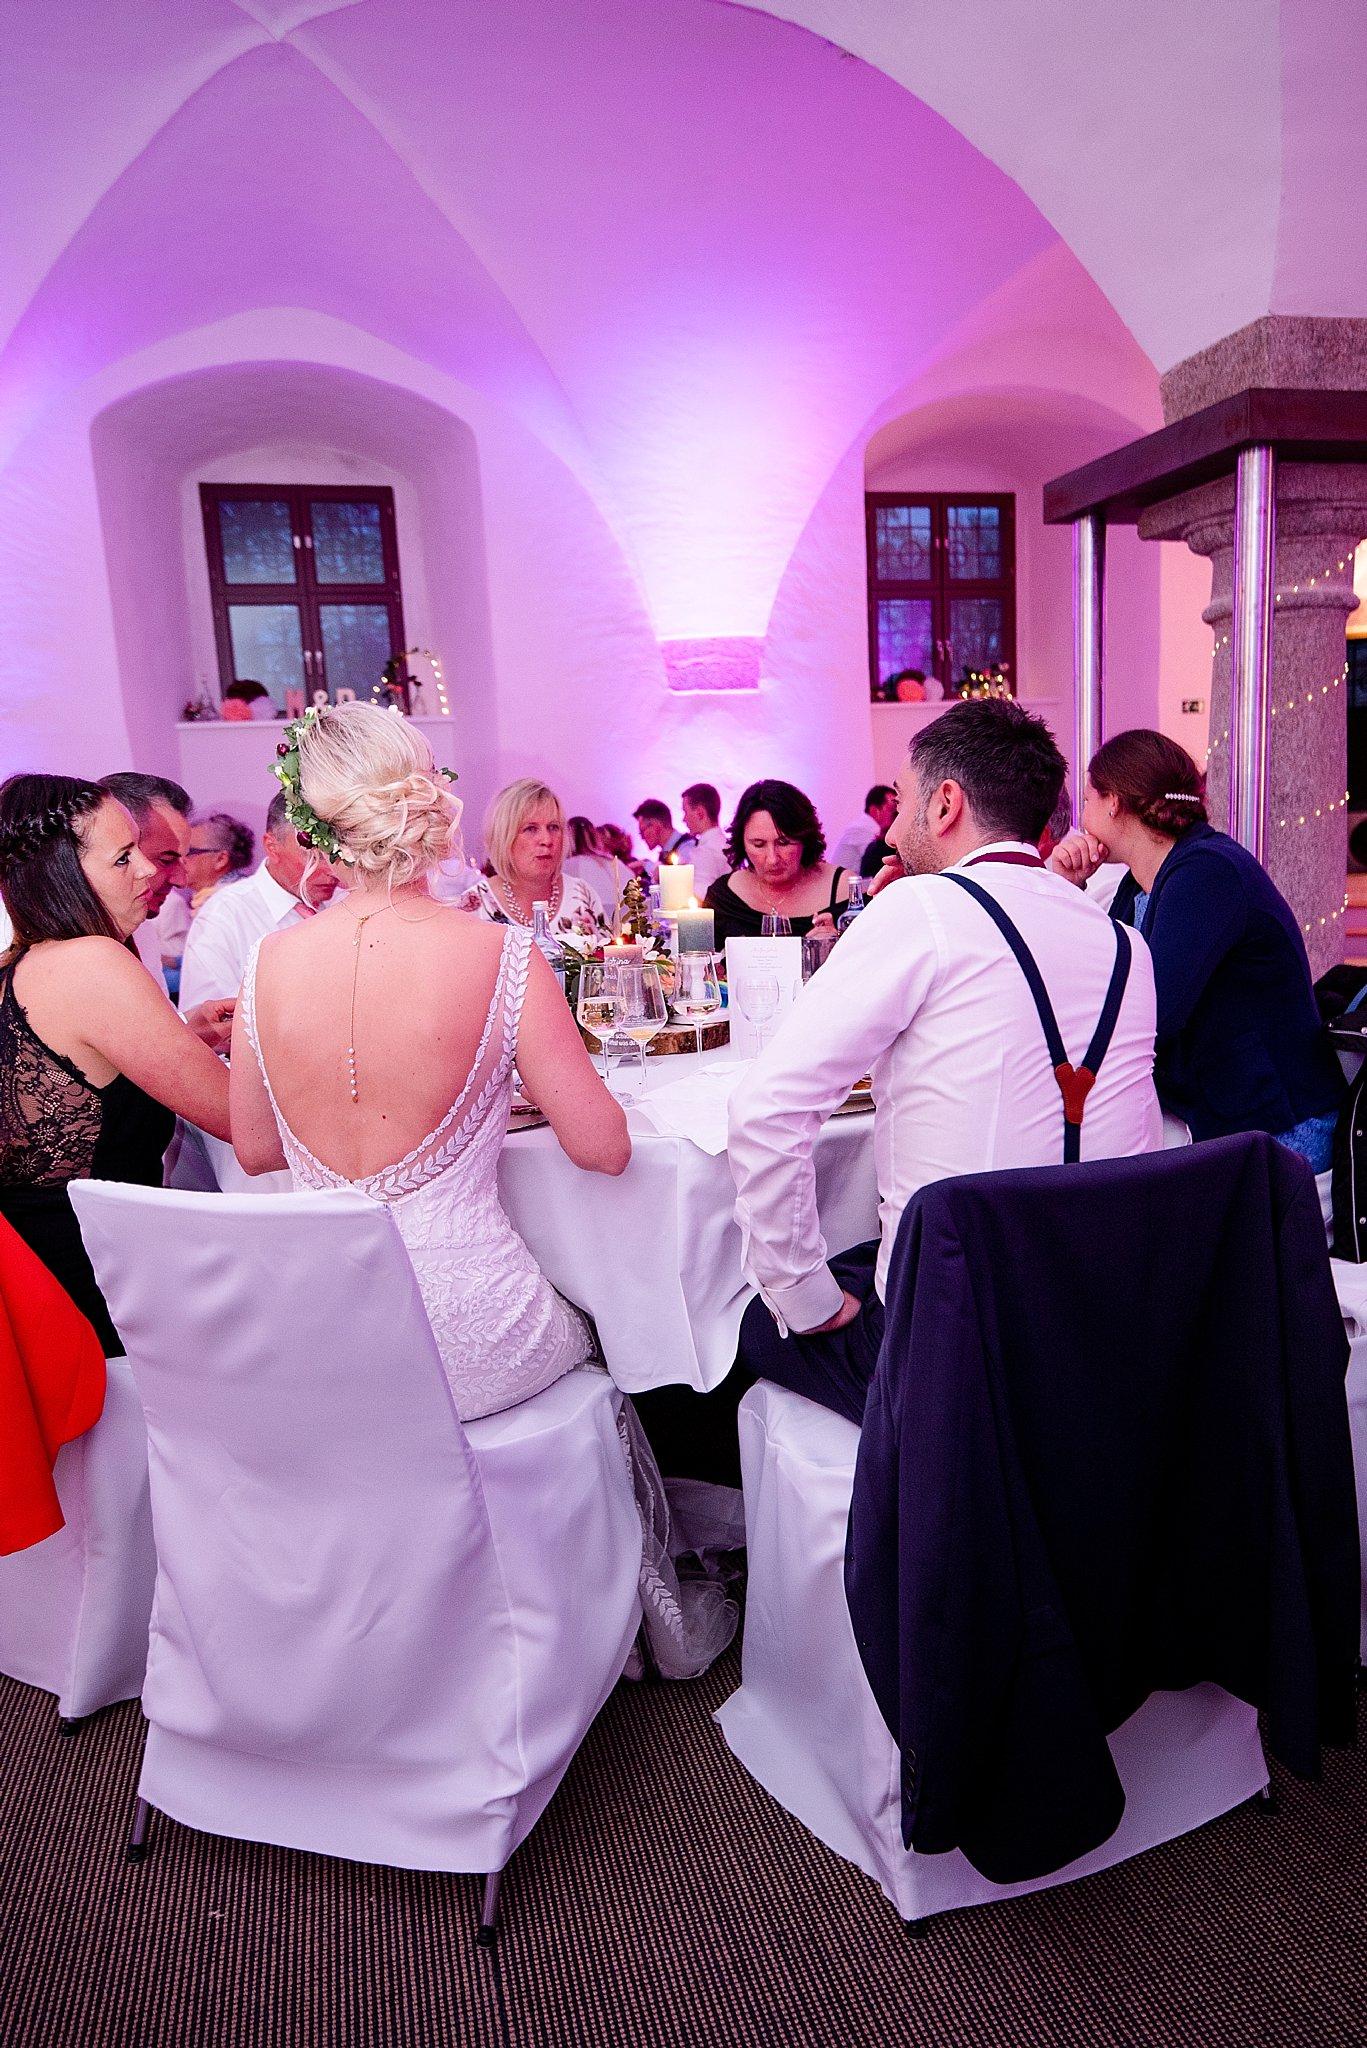 Hochzeit-von-Marina-Dominik-auf-Burg-Wernberg-und-Schloss-Friedrichsburg-00001